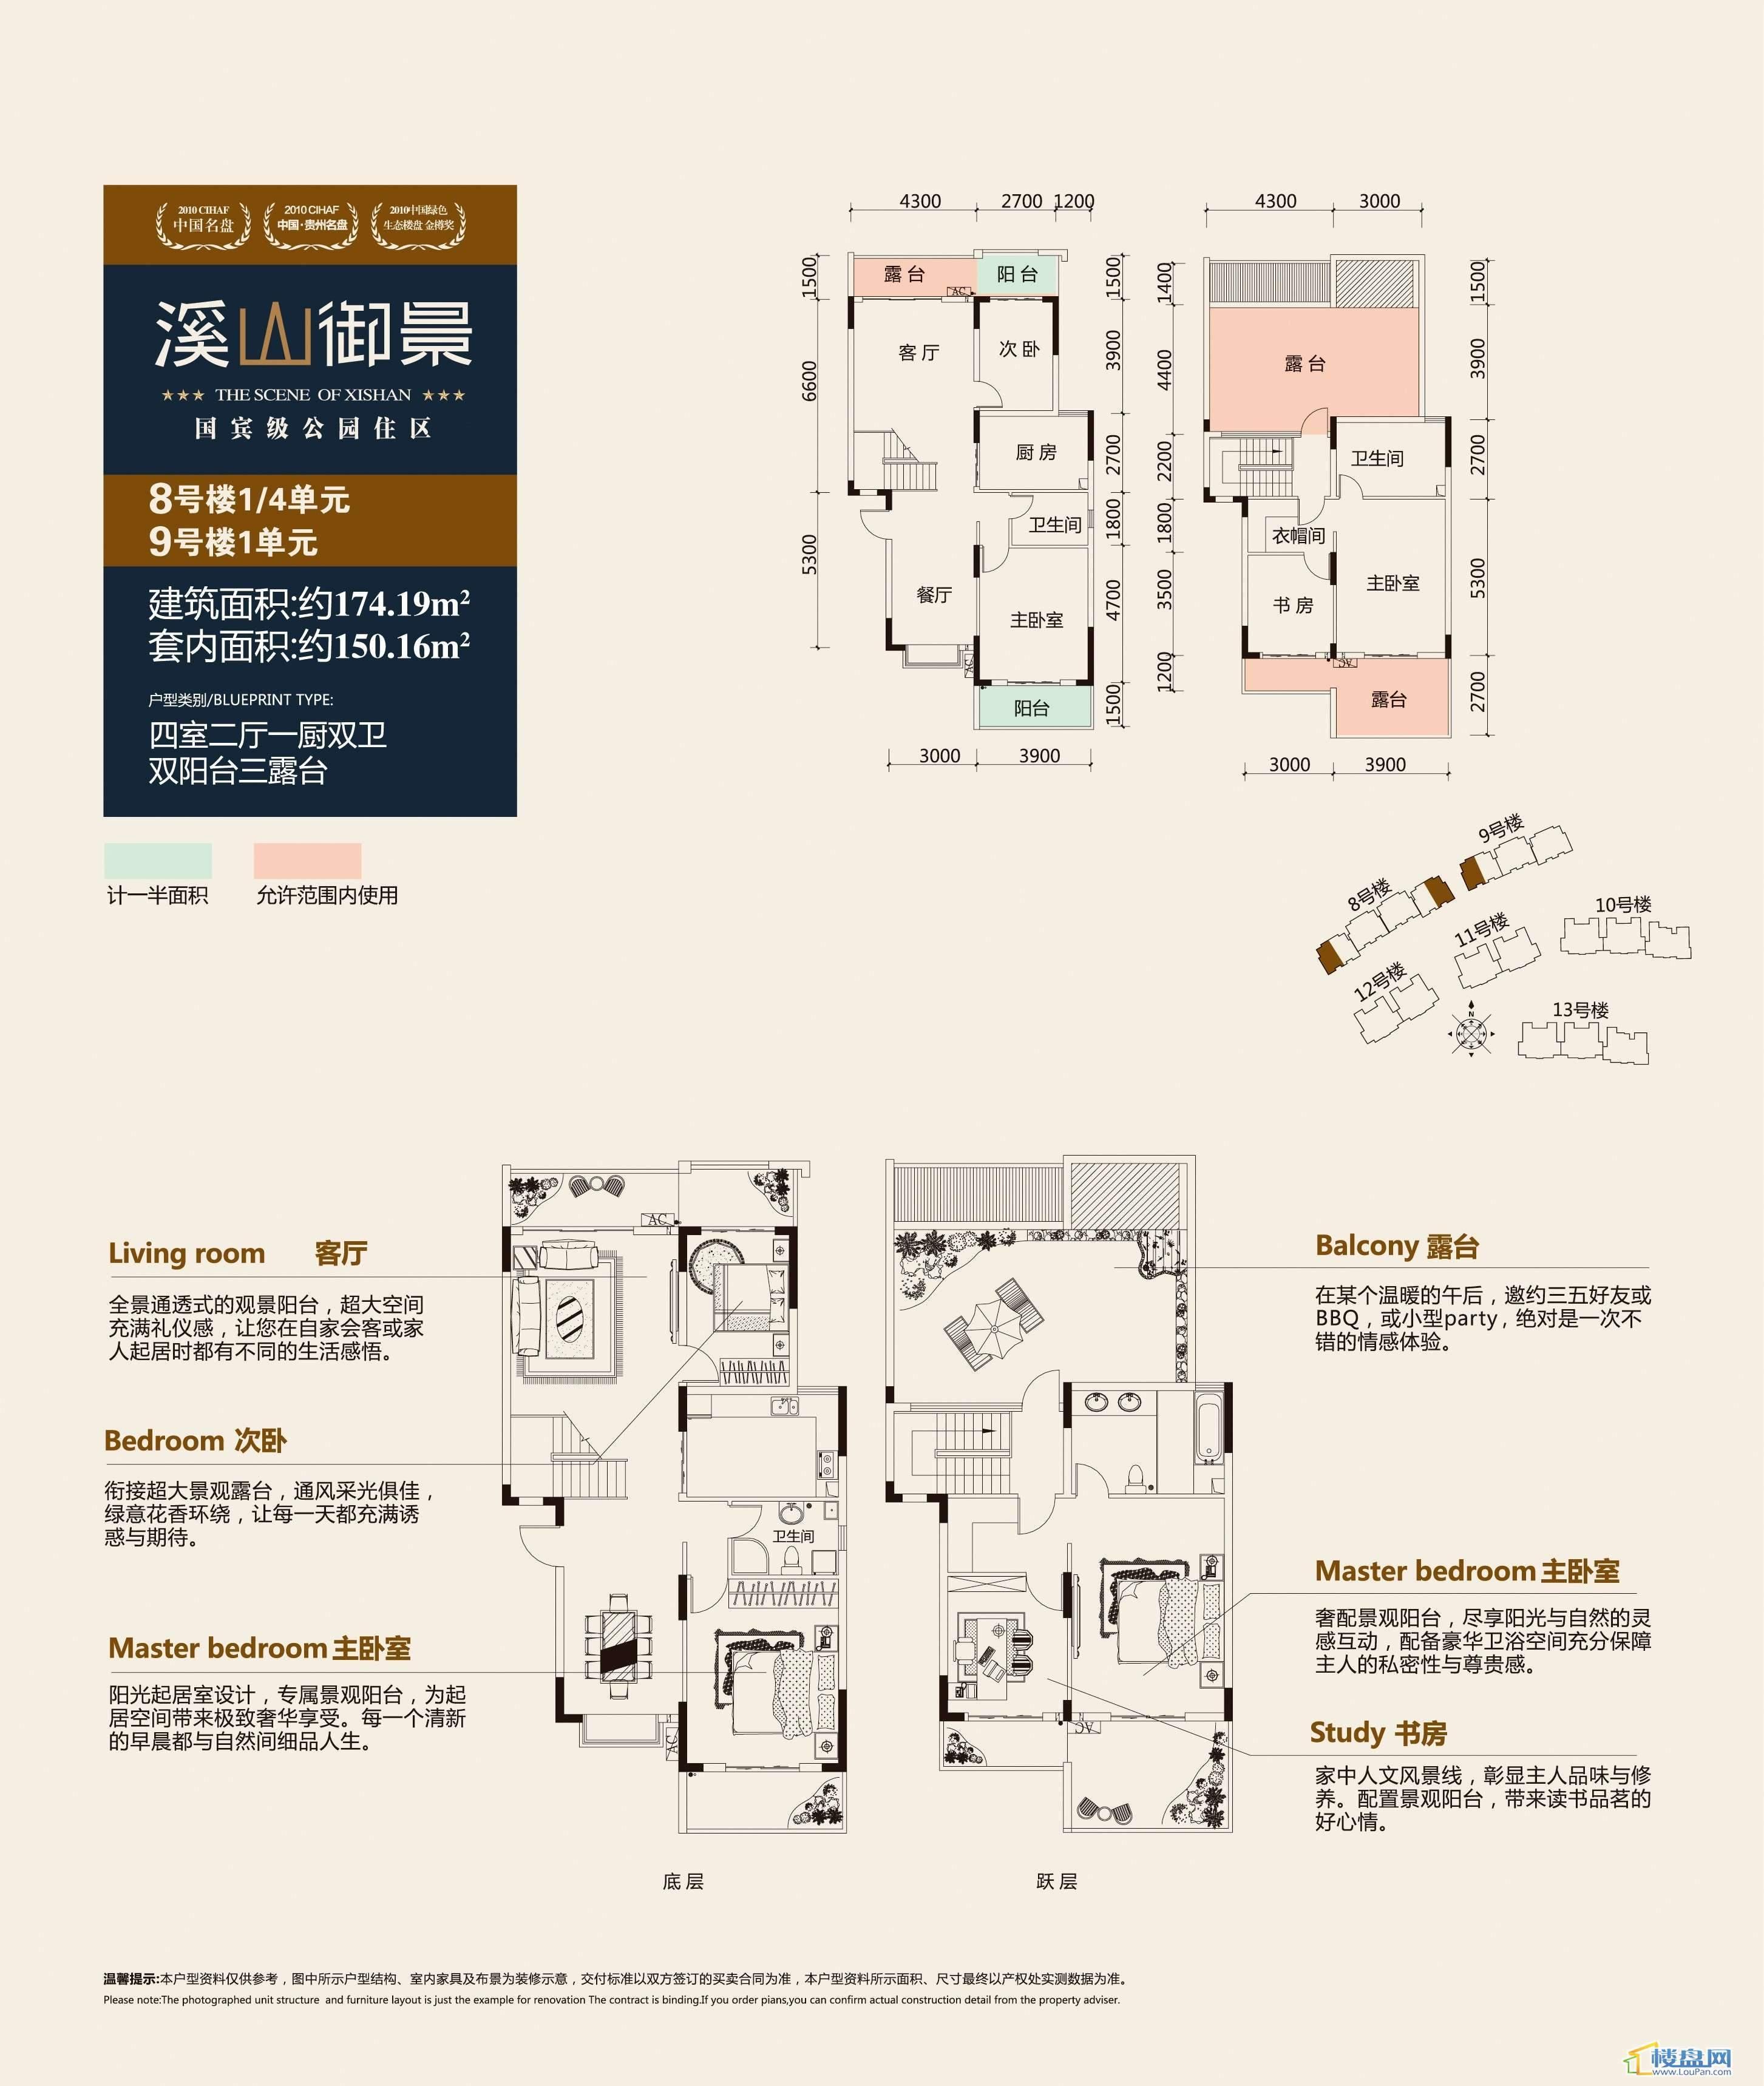 溪山御景8号楼1、4单元及9号楼1单元 四室两厅两卫两阳台